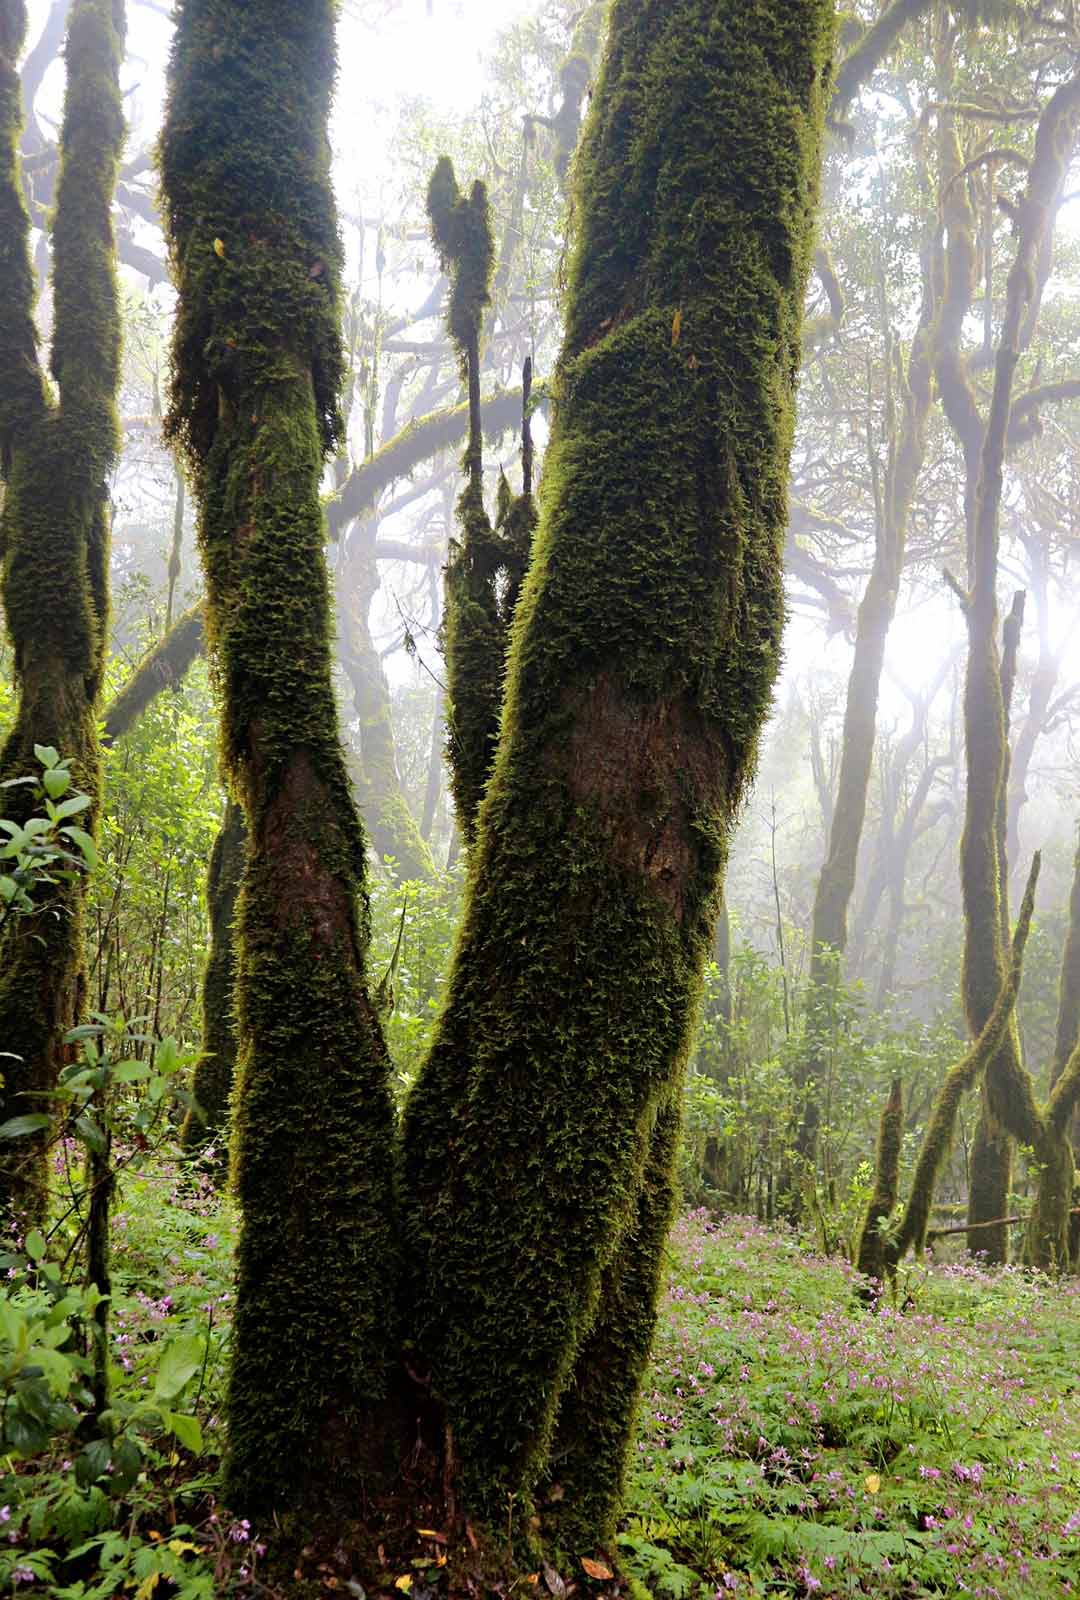 Garajonayn kansallispuistossa laakeripuiden siimeksessä asustaa monia kyyhkylajeja. Niiden siipien läiske saa vaeltajan kohottamaan katseensa latvustoihin.